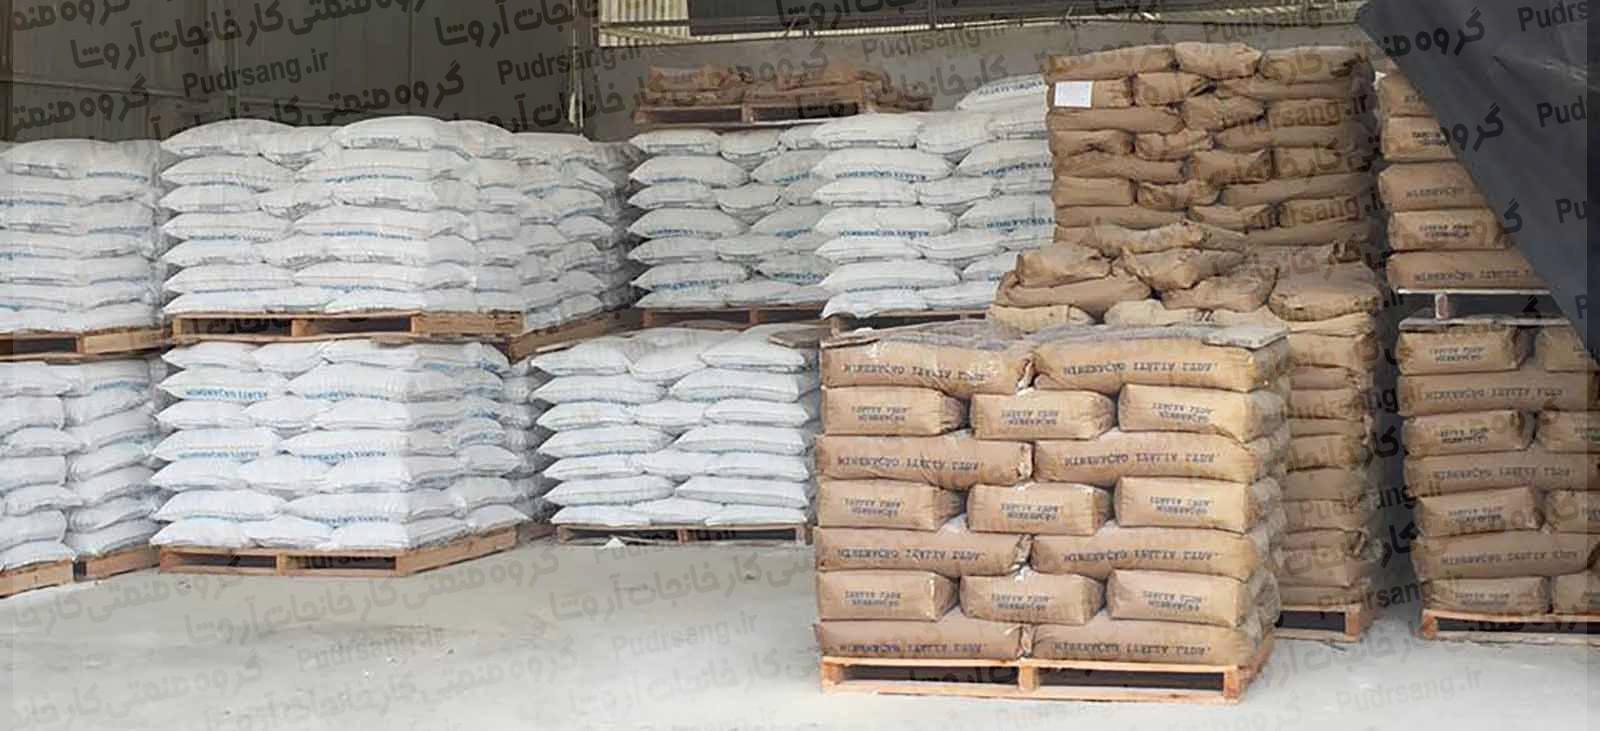 خرید و فروش کربنات کلسیم صنعتی در اصفهان